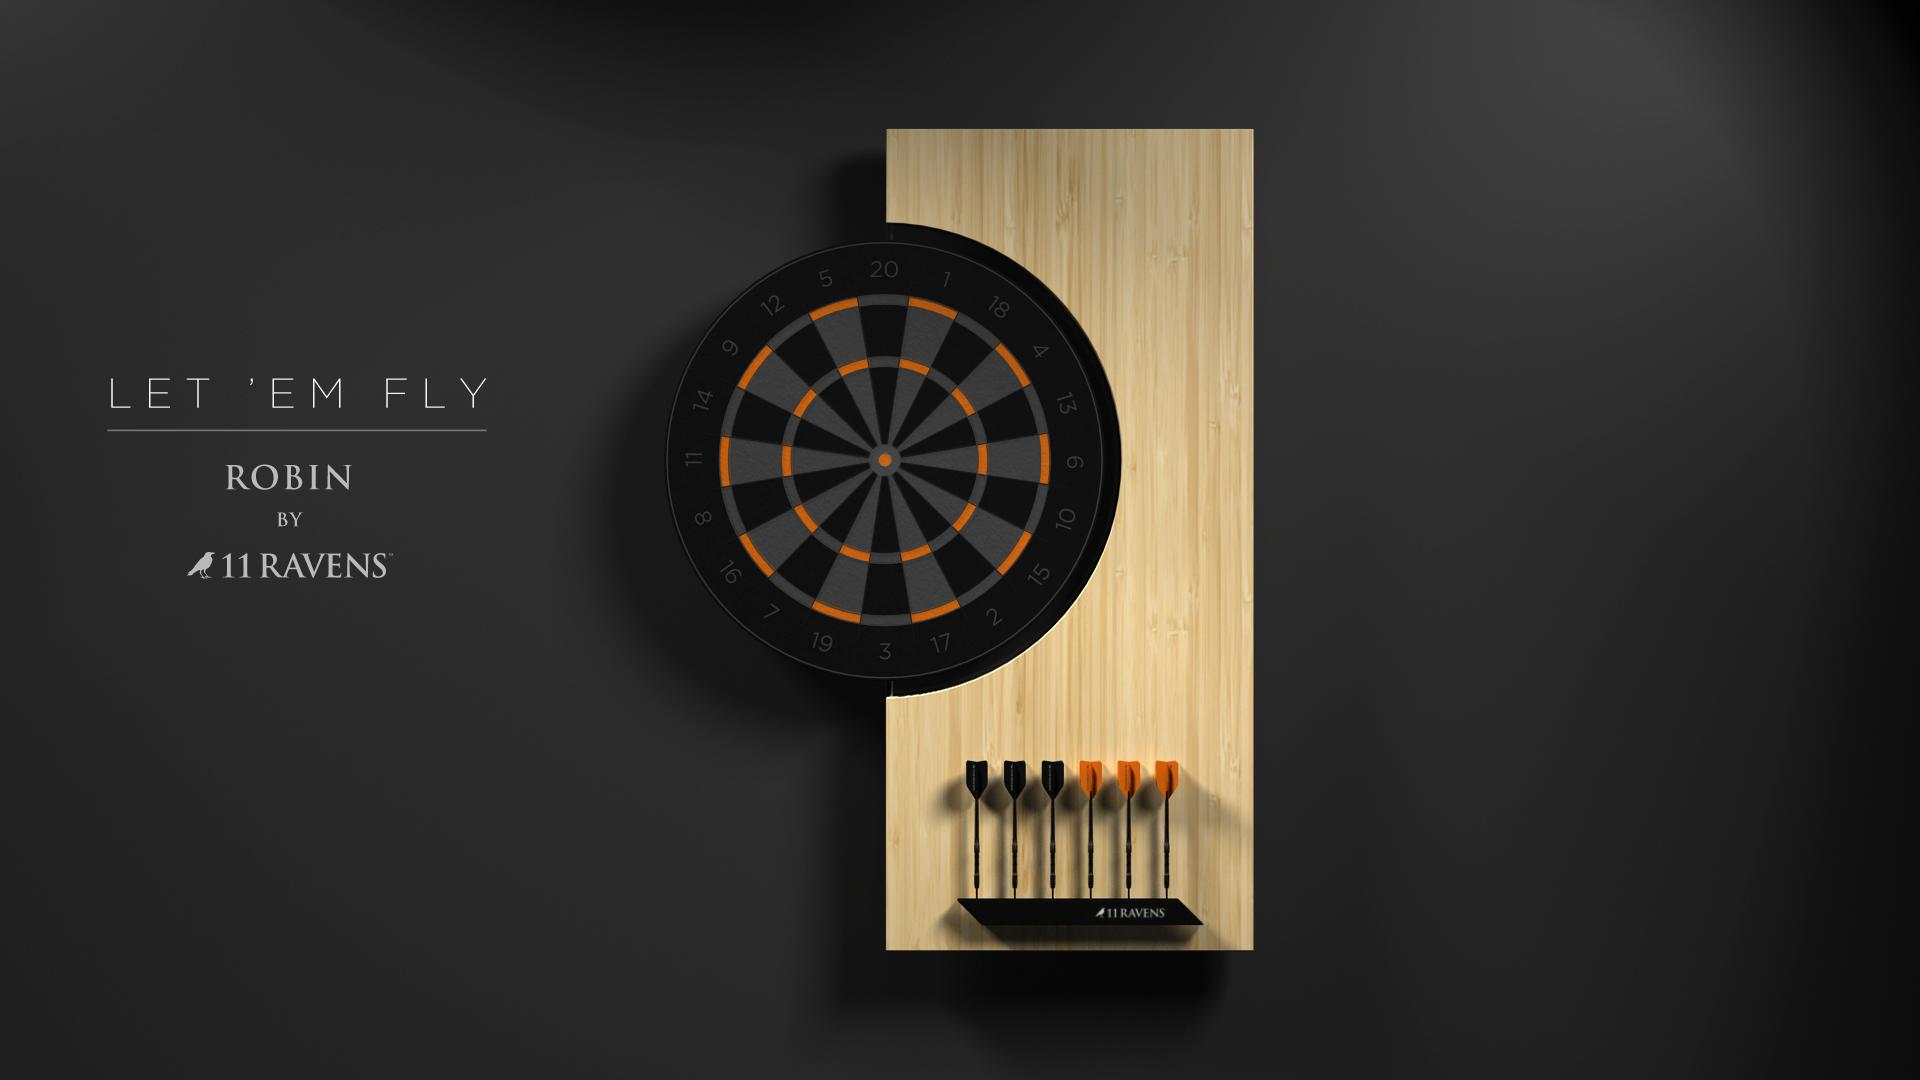 robin-dartboard-01a-Header.jpg